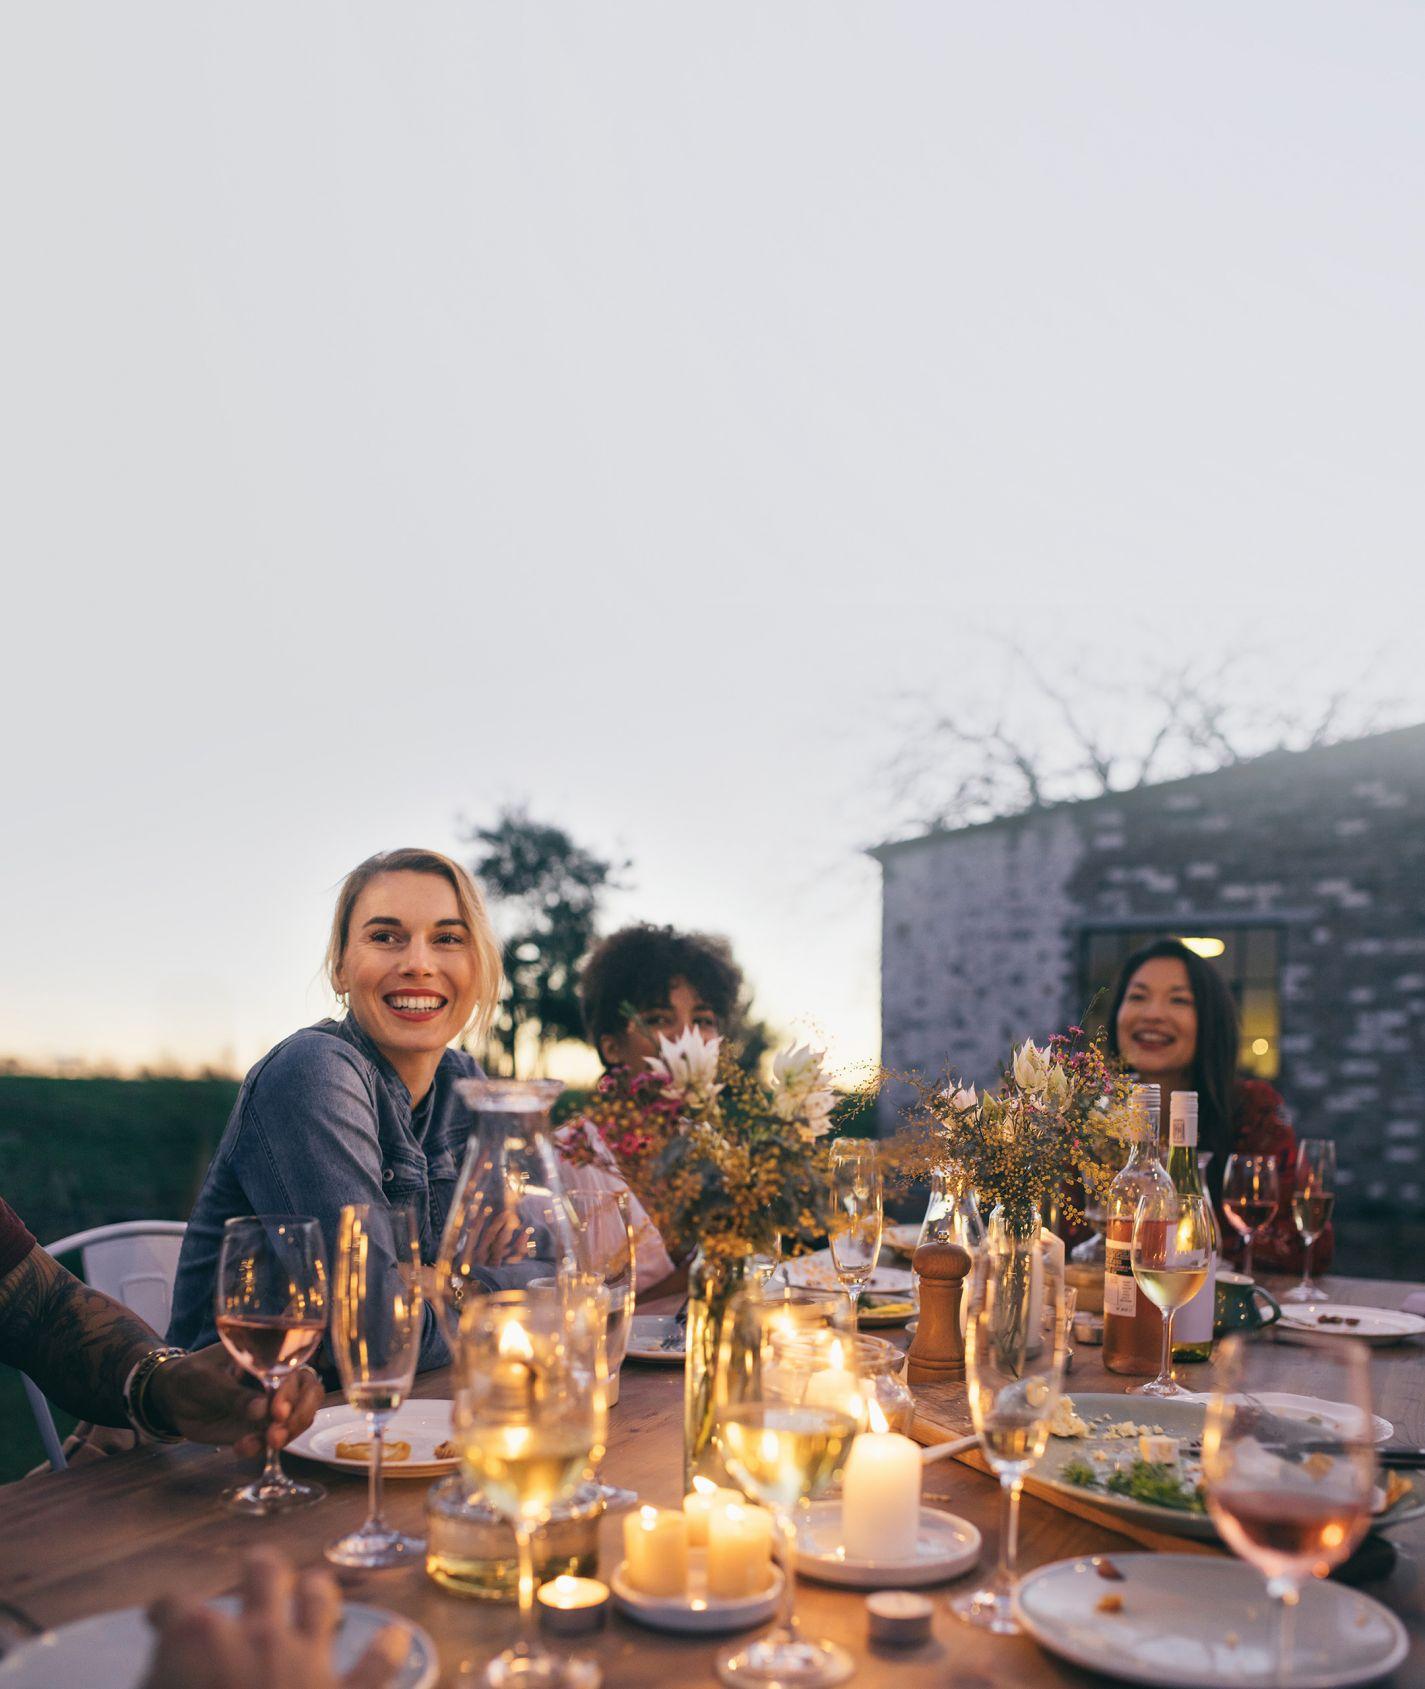 Eine Gruppe junger Frauen sitzen in der Abenddämmerung an einem Tisch und lachen